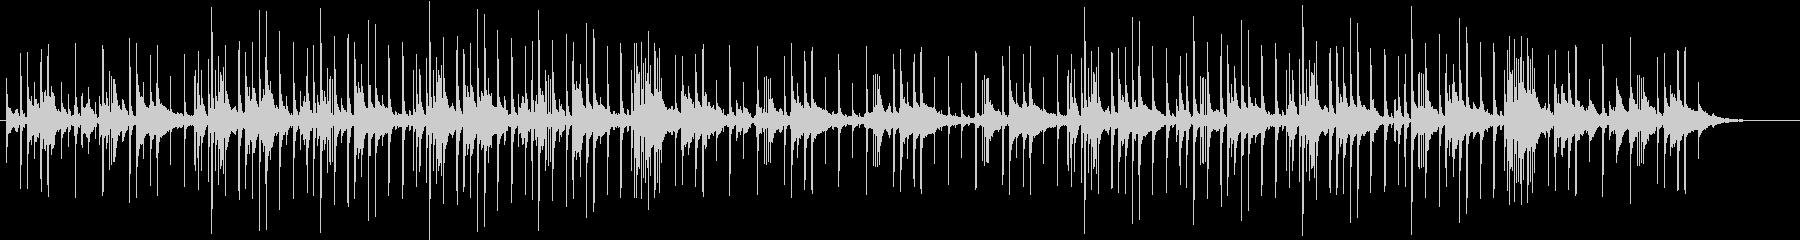 シックなPfメロをリミックス風にした曲の未再生の波形